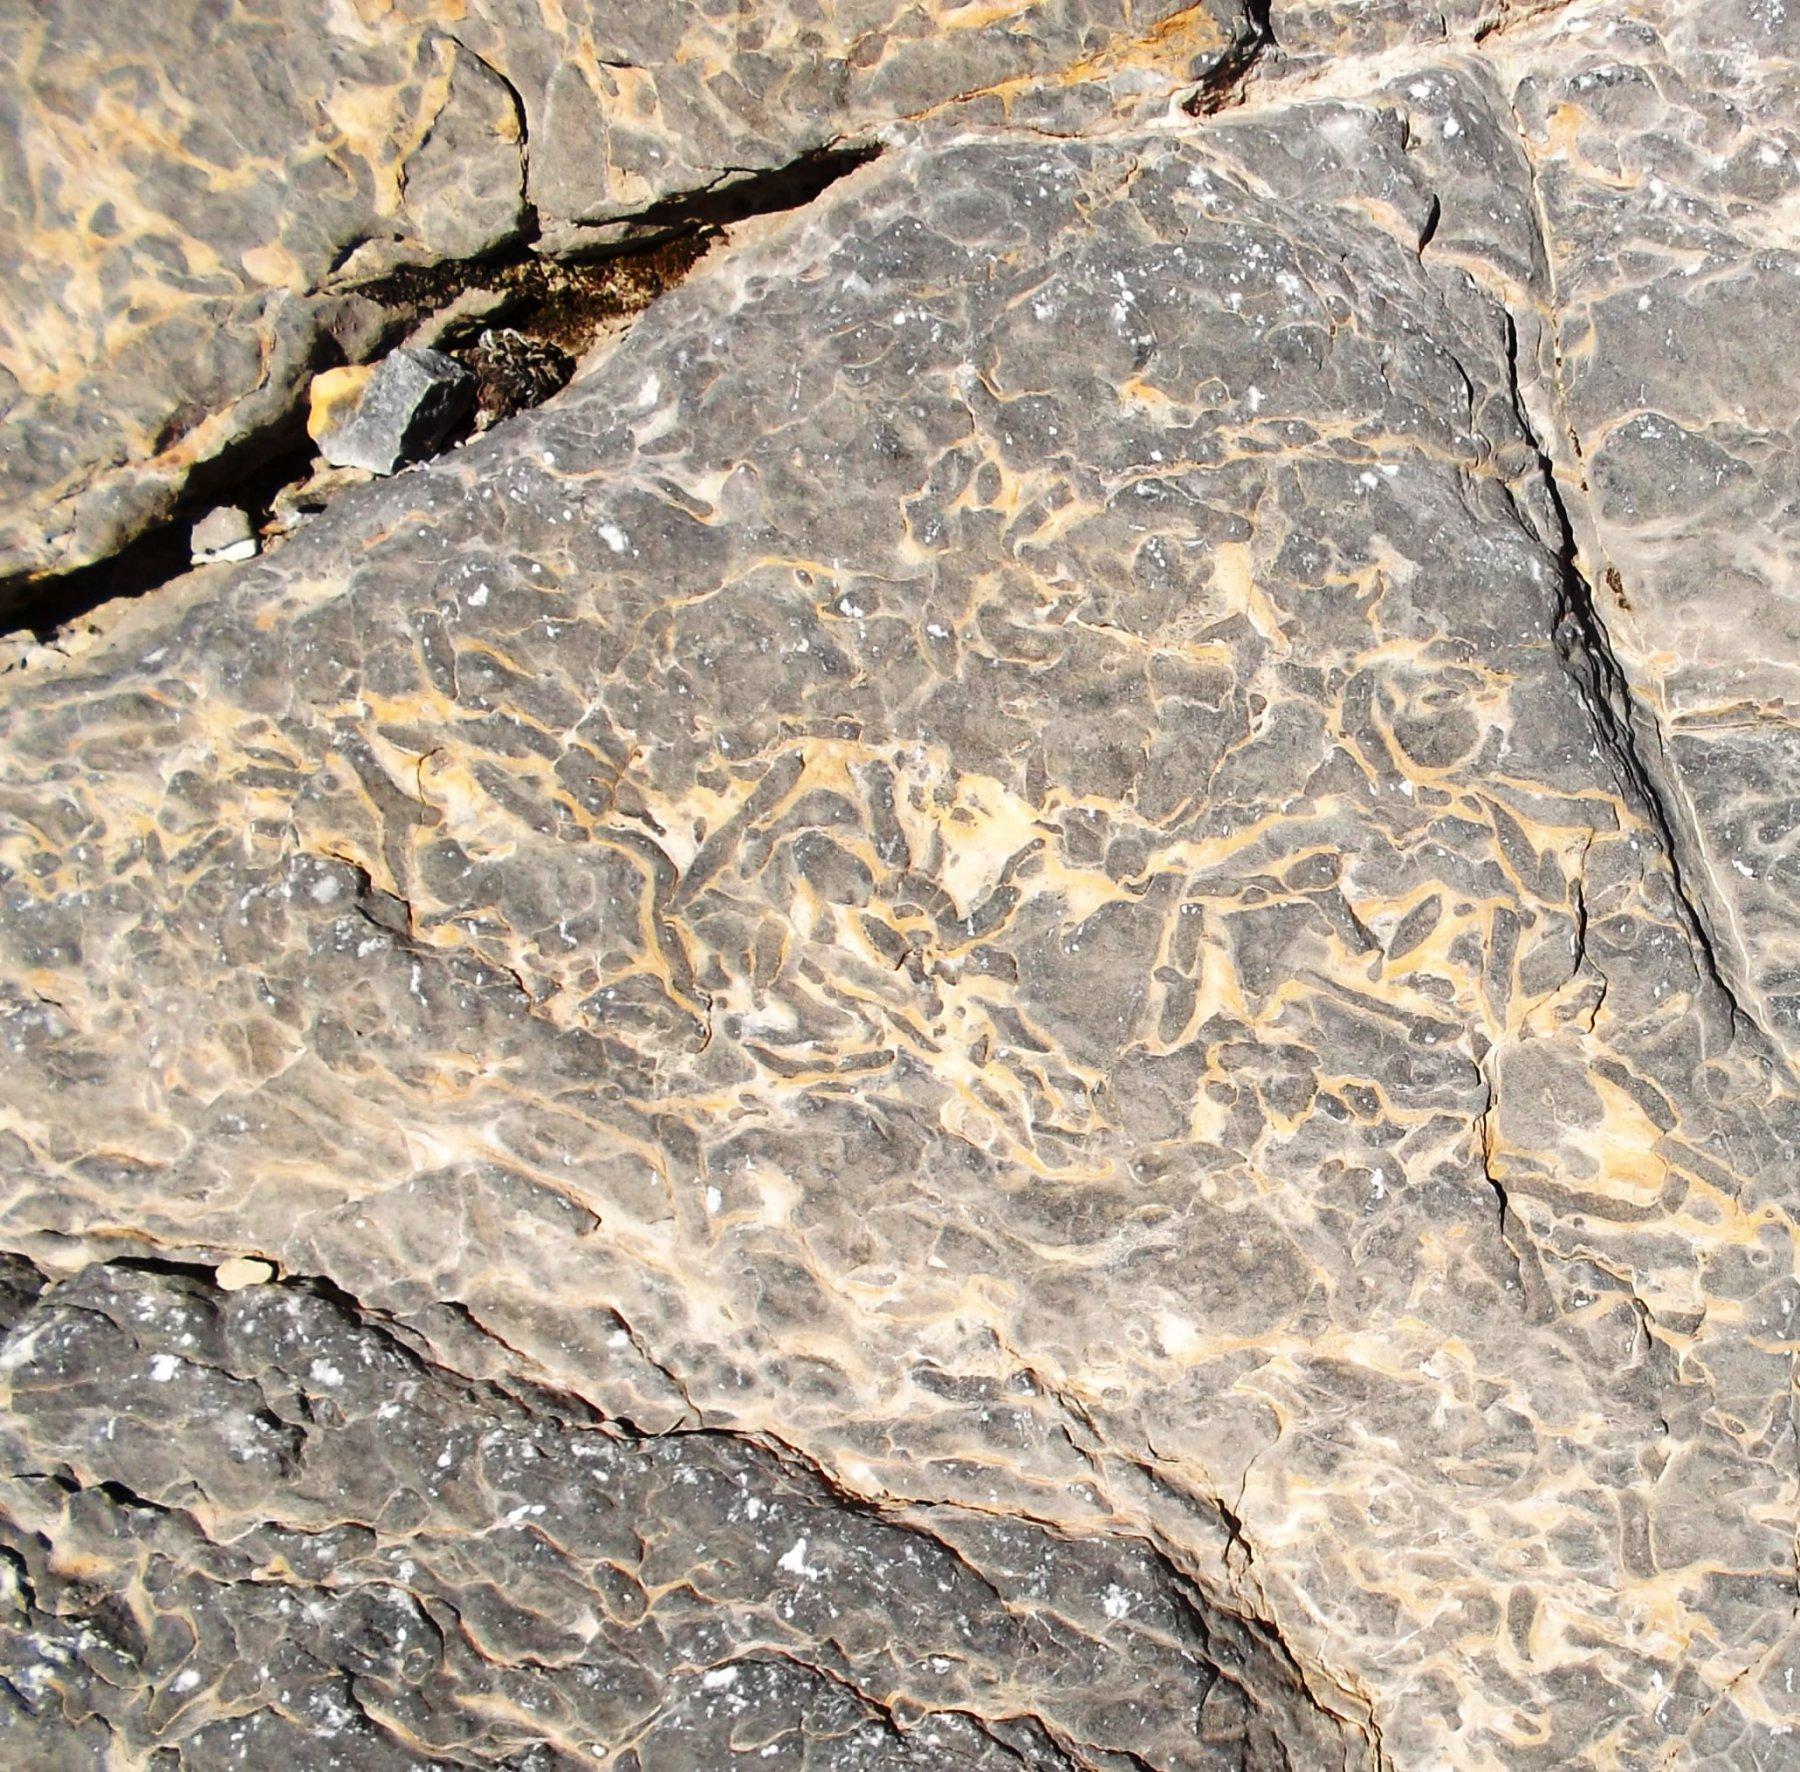 Tracce fossili di vermi marini vissuti nell'antico fondale melmoso ora trasformato in scura roccia